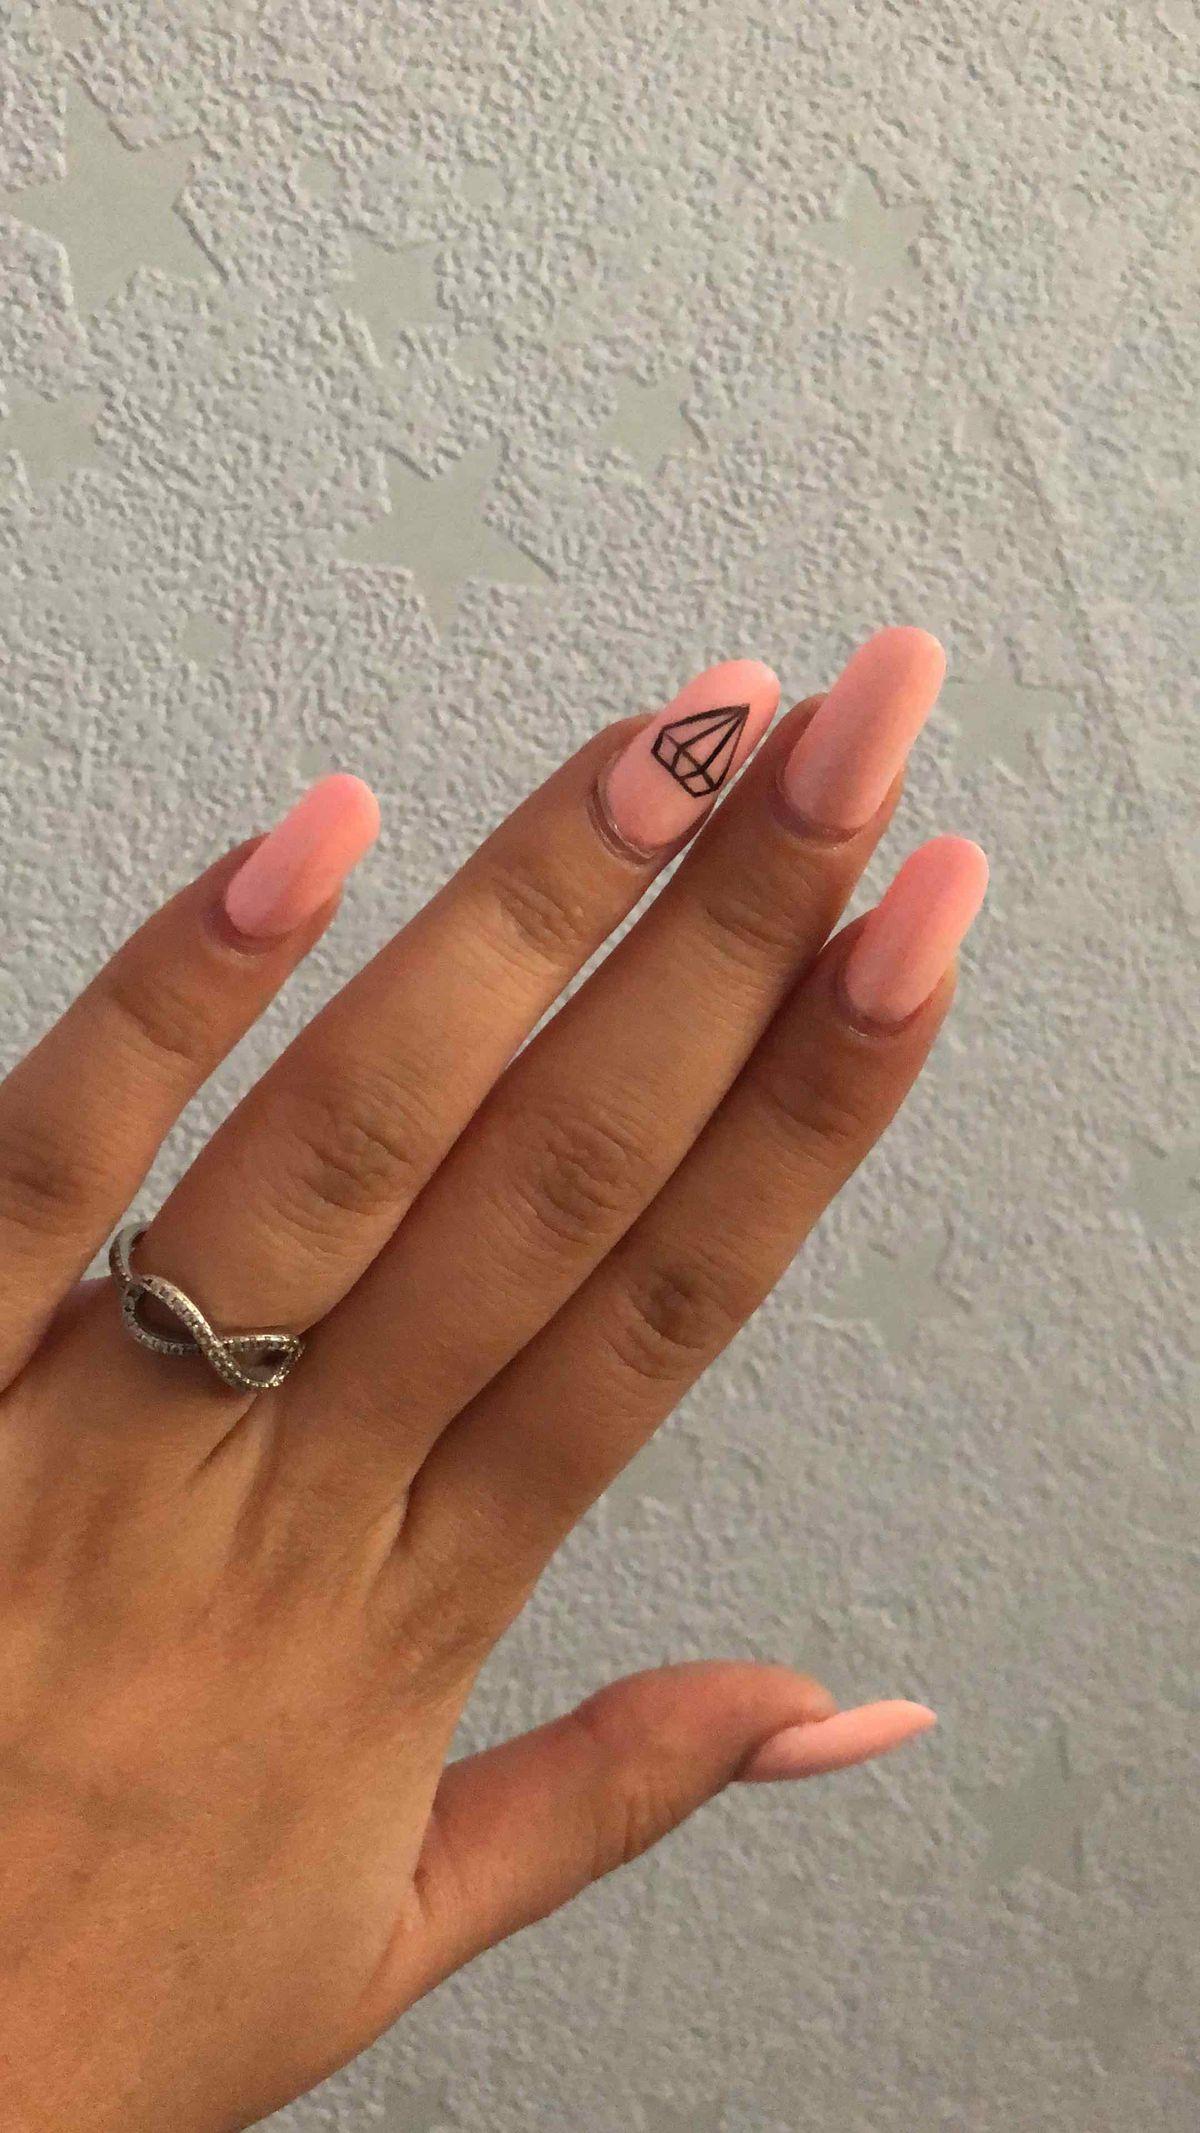 Кольцо может быть талисманом !